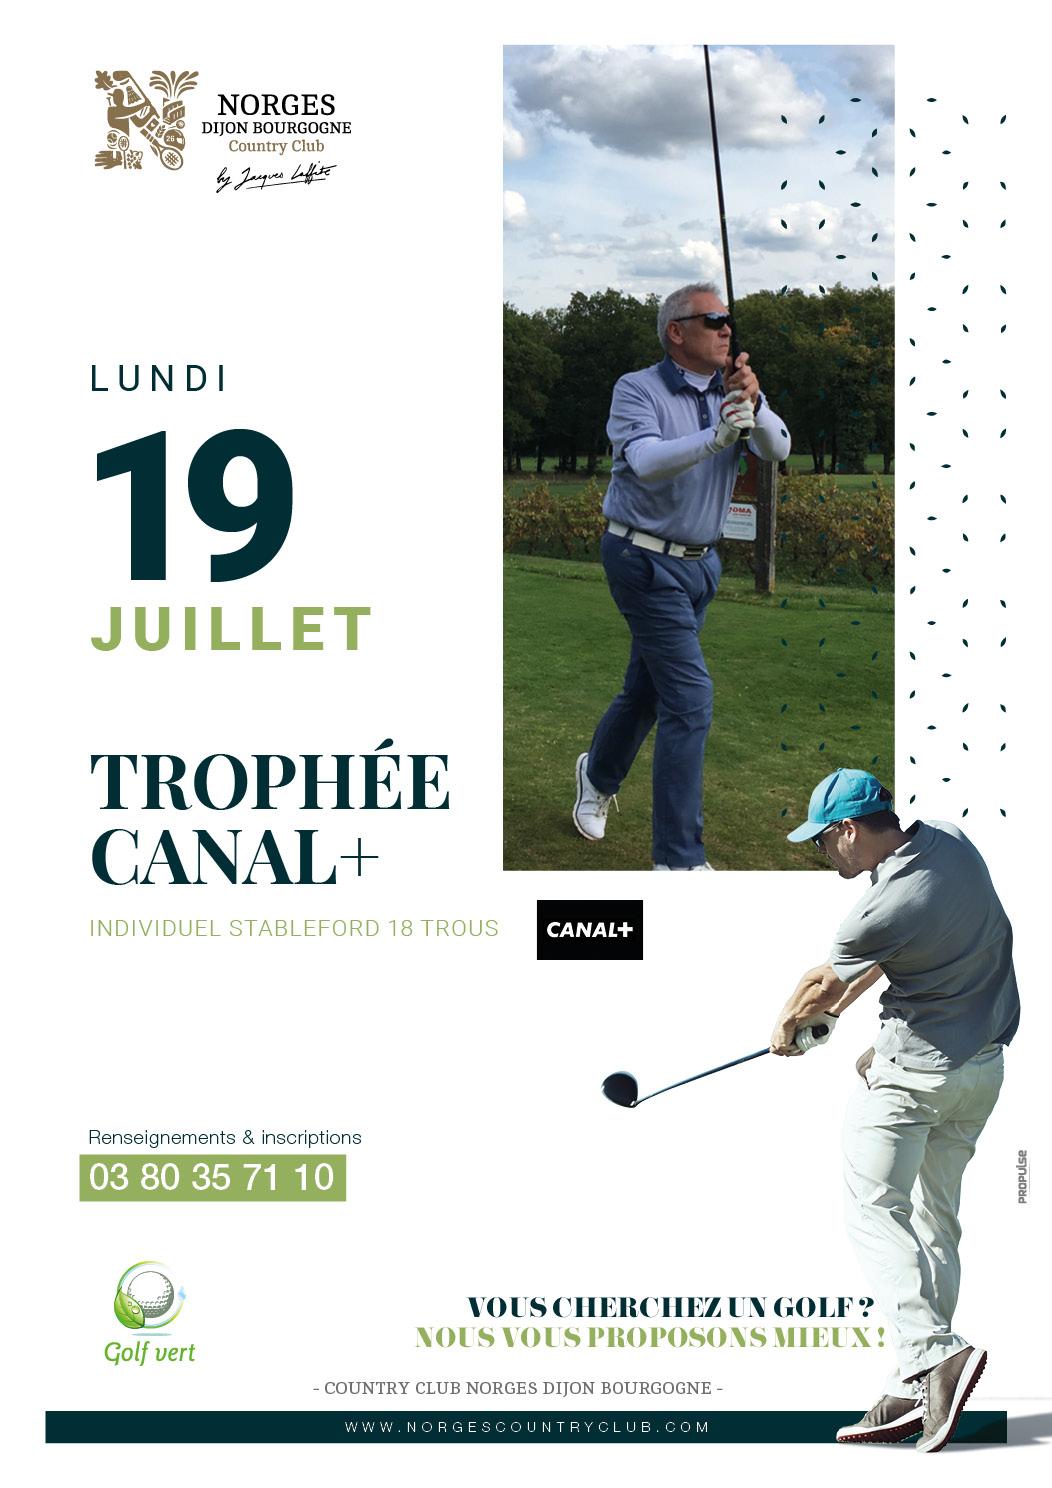 Trophée Canal+